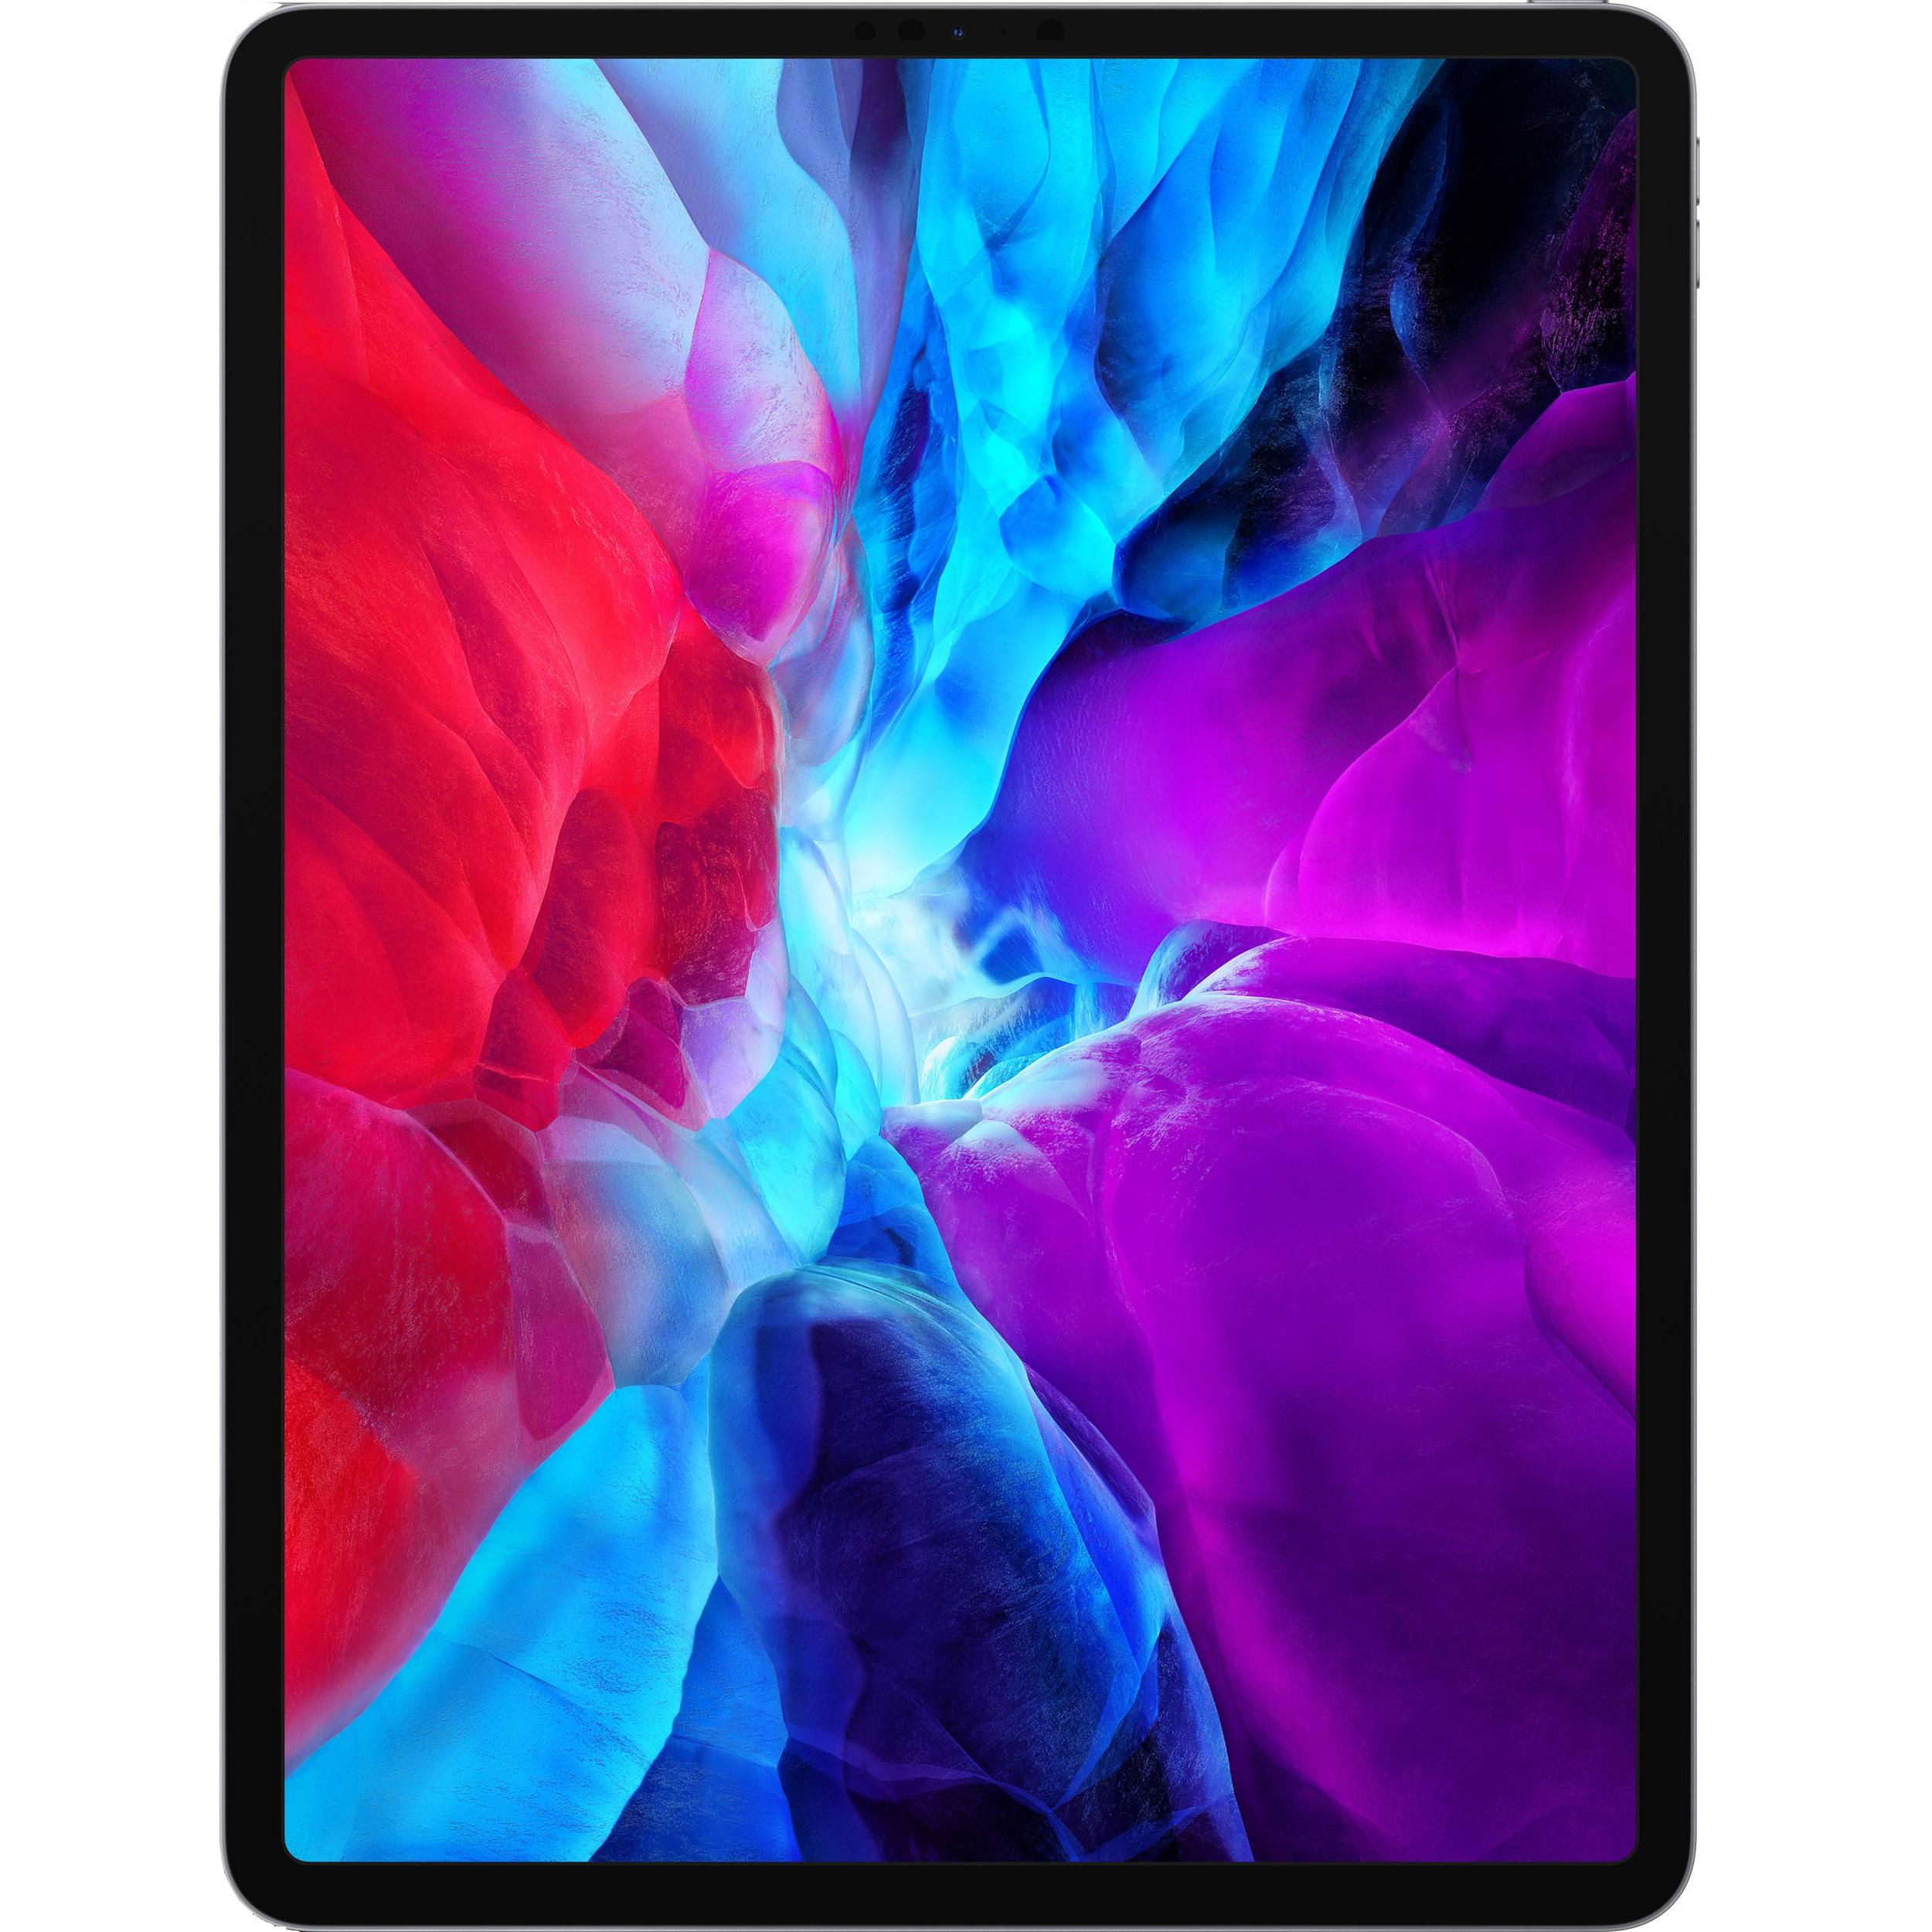 خرید ارزان تبلت اپل مدل iPad Pro 2020 12.9 inch 4G ظرفیت 256 گیگابایت